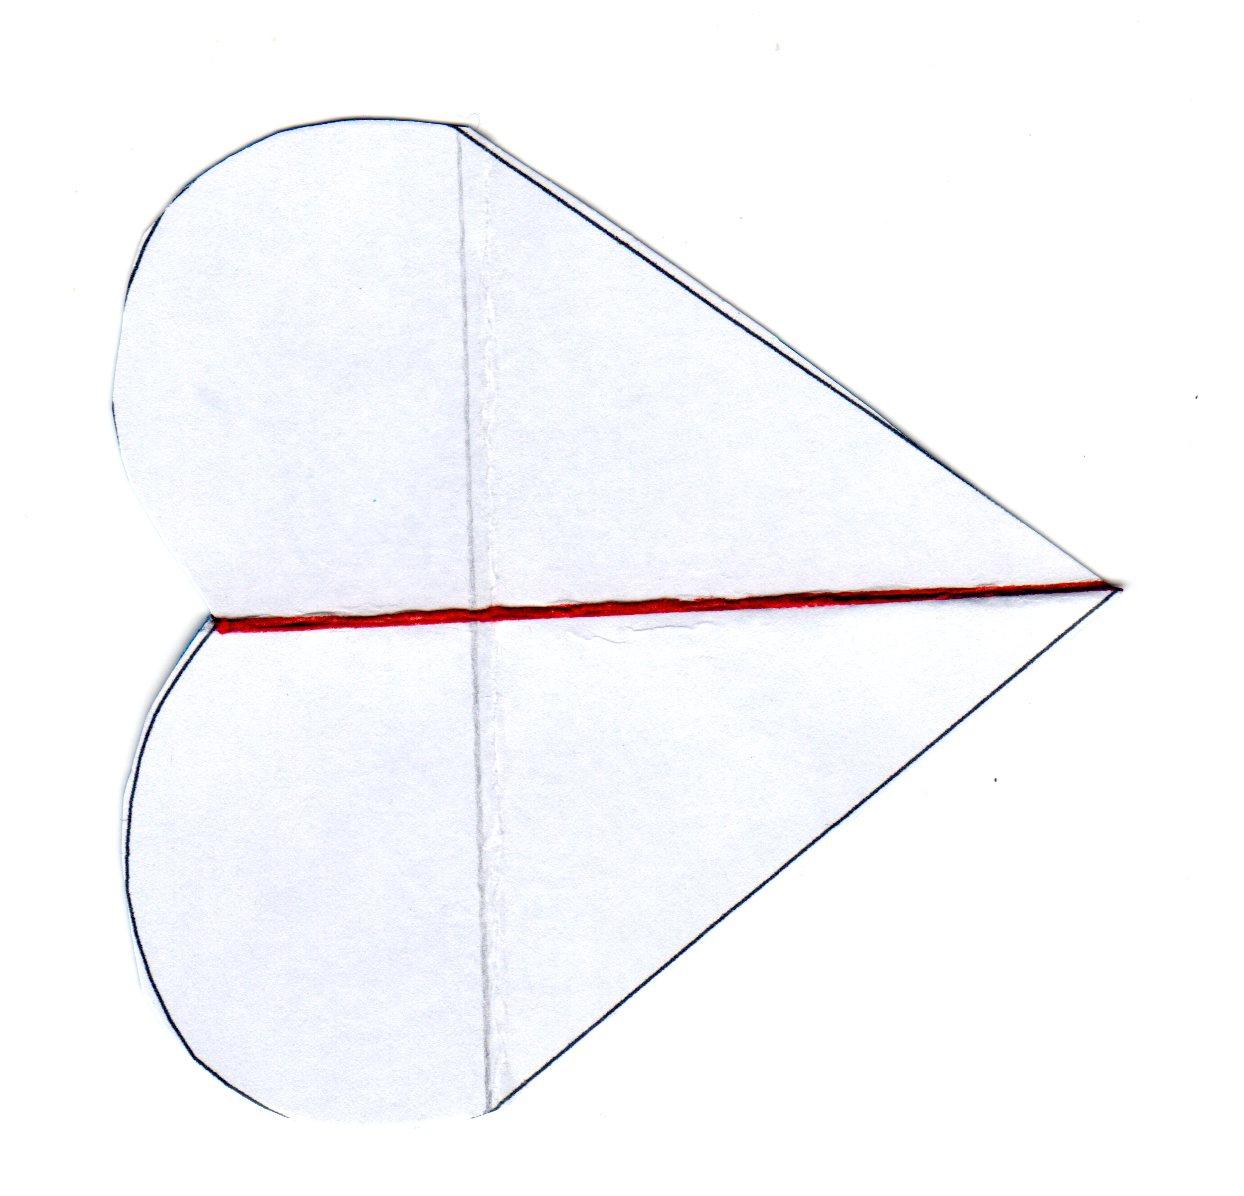 La Symétrie : Pliage Et Quadrillage | Fantadys dedans Symétrie Quadrillage